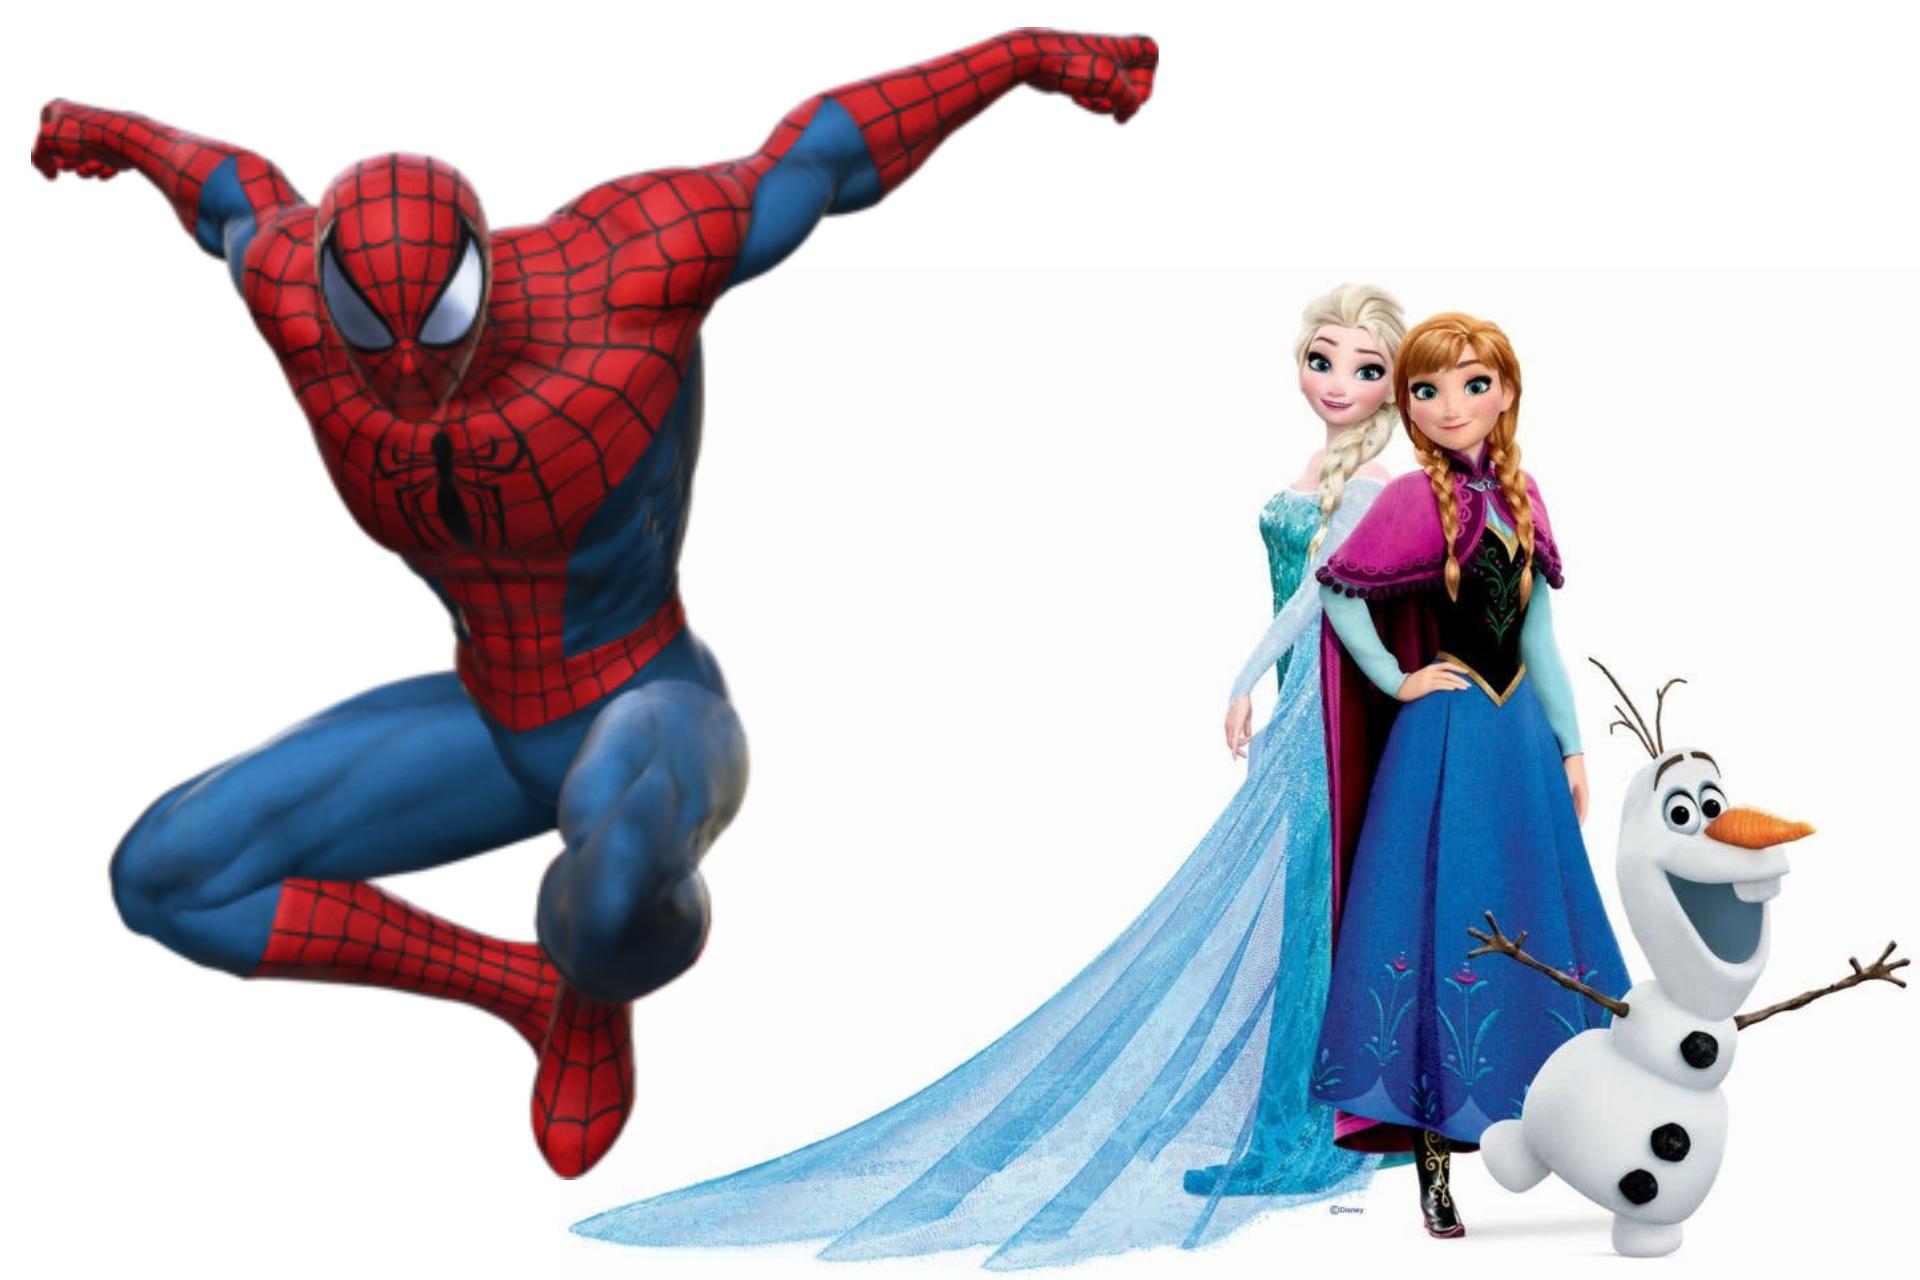 abbigliamento per bambini supereroi e bambine principesse